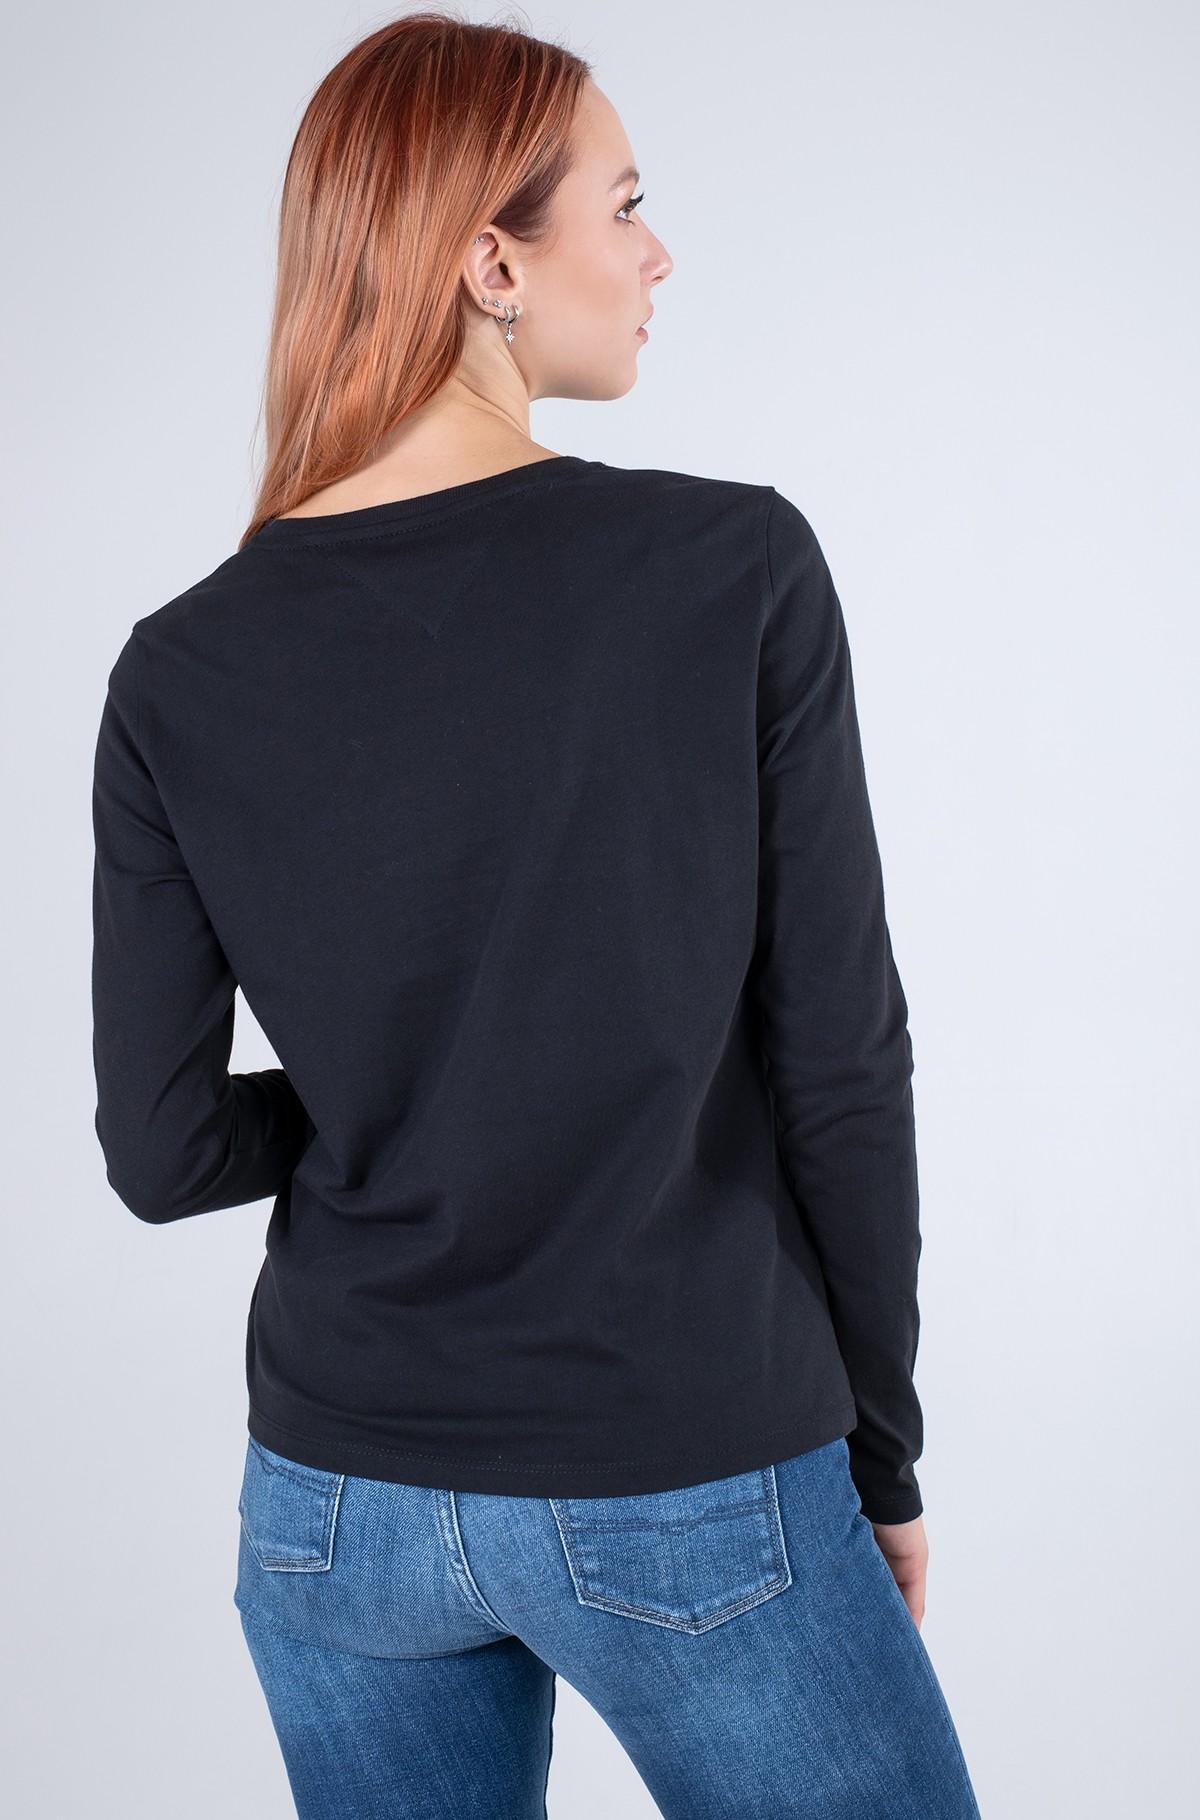 T-krekls ar garām piedurknēm  TJW SLIM ESSENTIAL TOMMY TEE LS-full-2